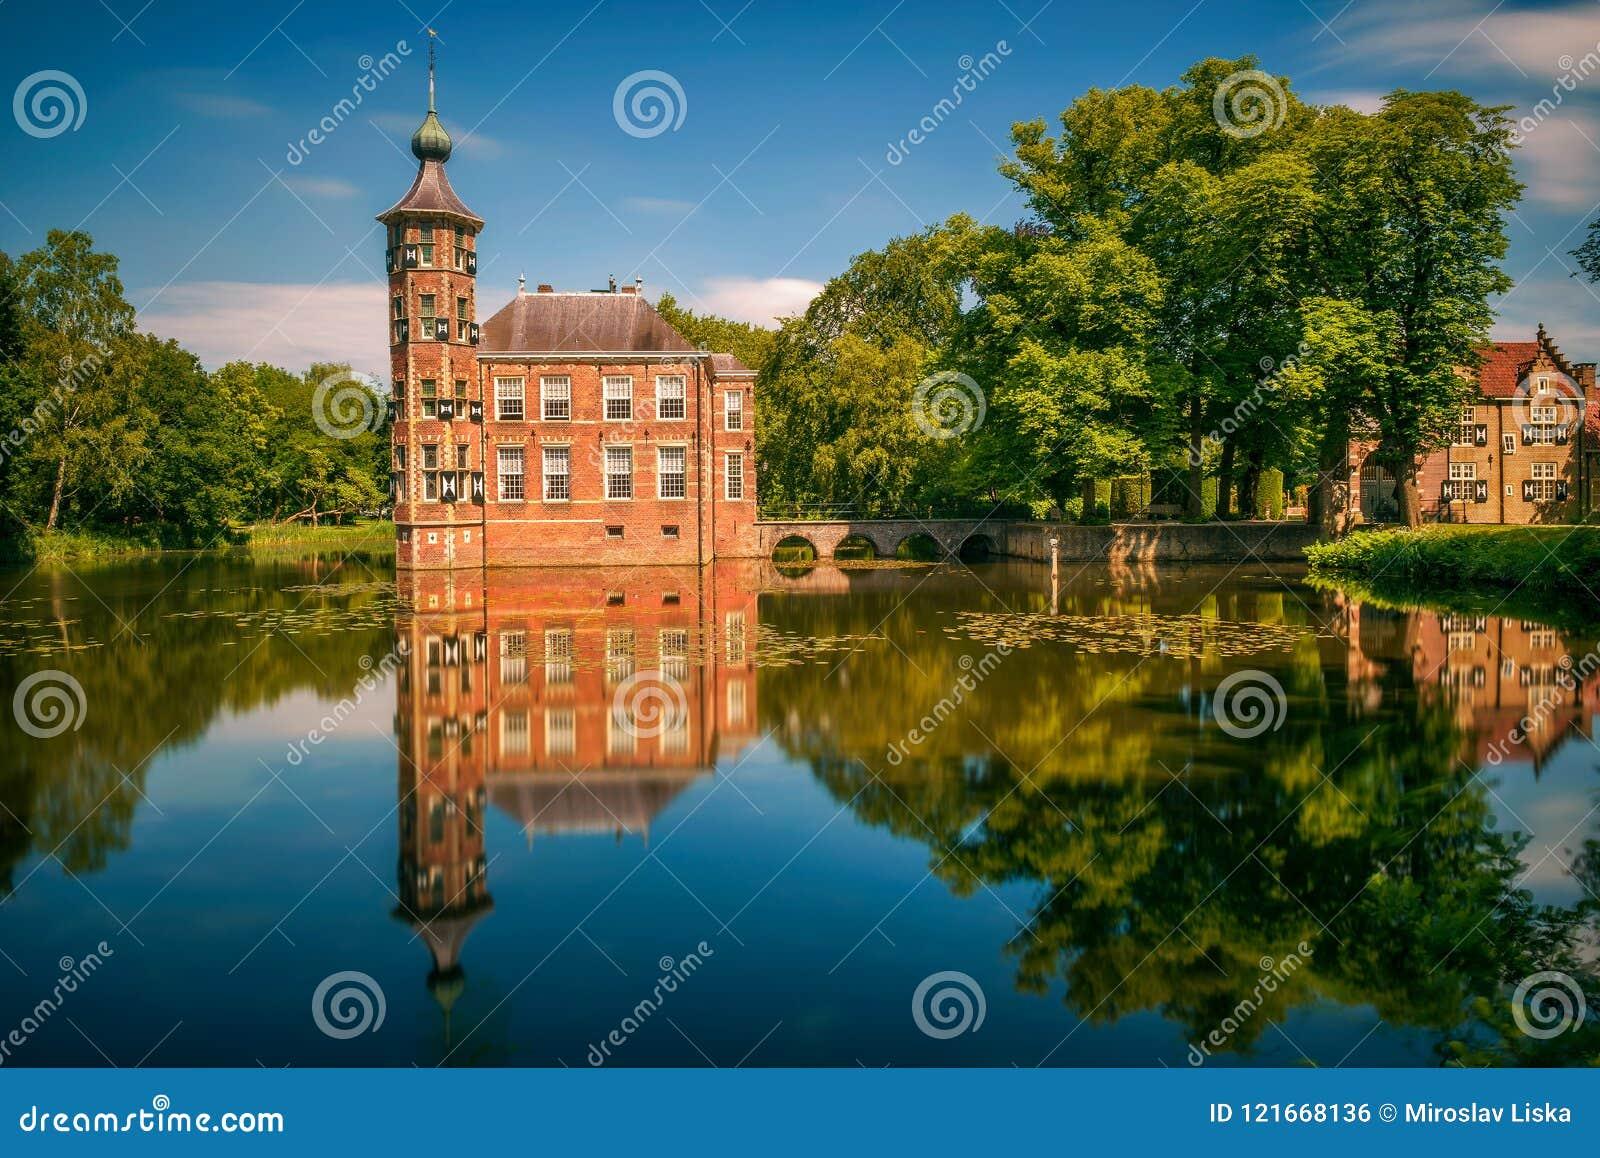 Fortifichi Bouvigne ed il parco circostante a Breda, Paesi Bassi